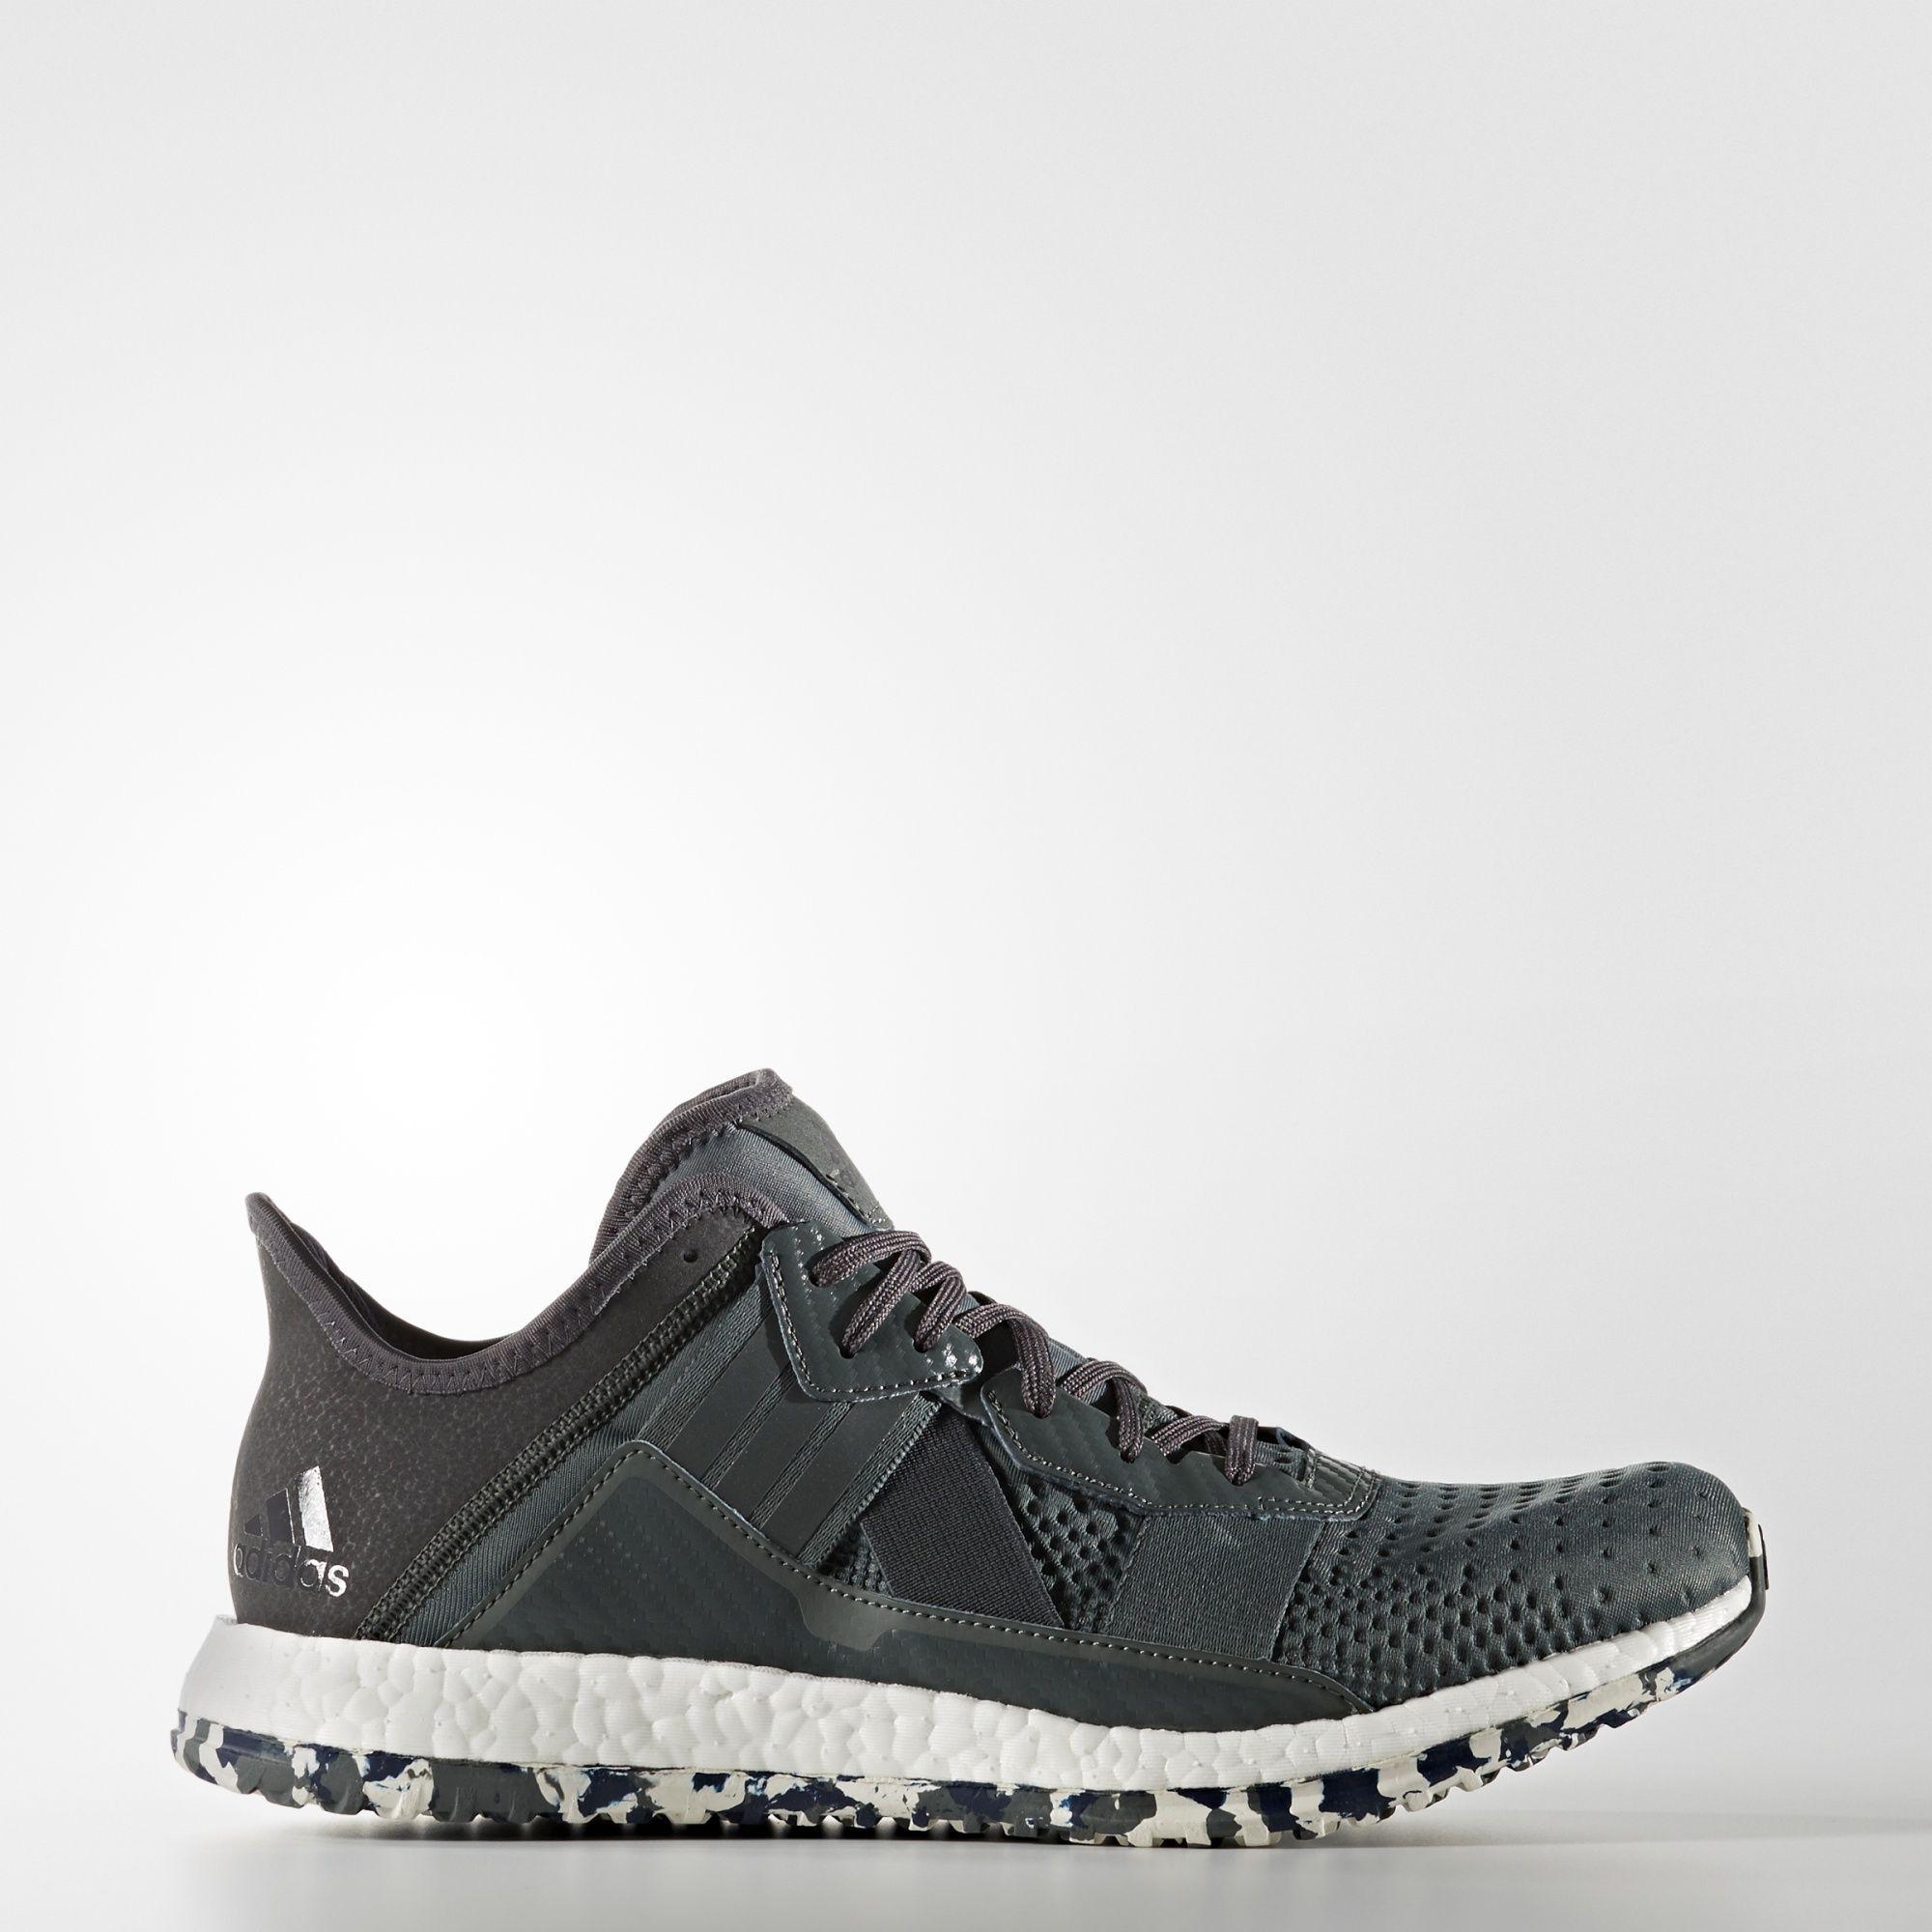 059d29ca0d7 adidas - Pure Boost ZG Trainer Shoes